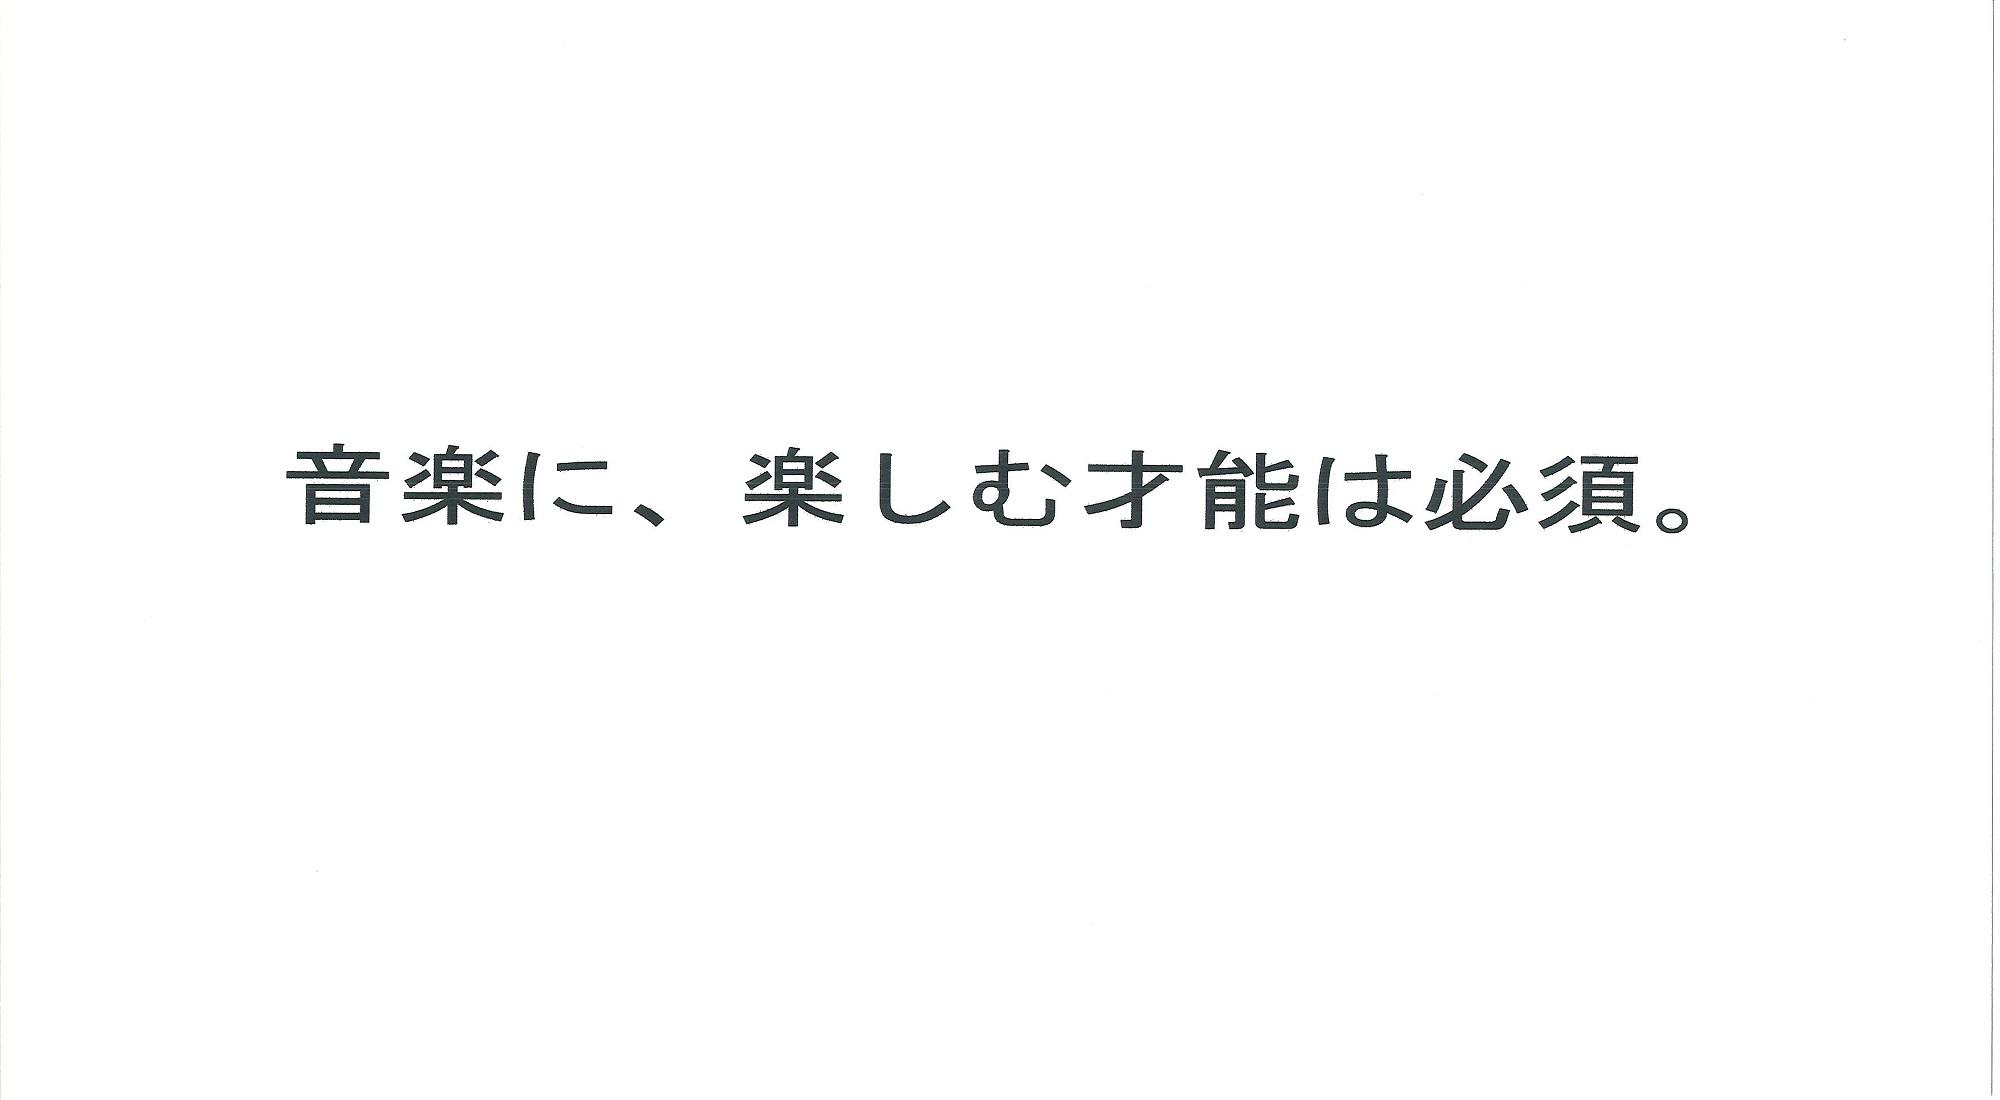 ボーカル2